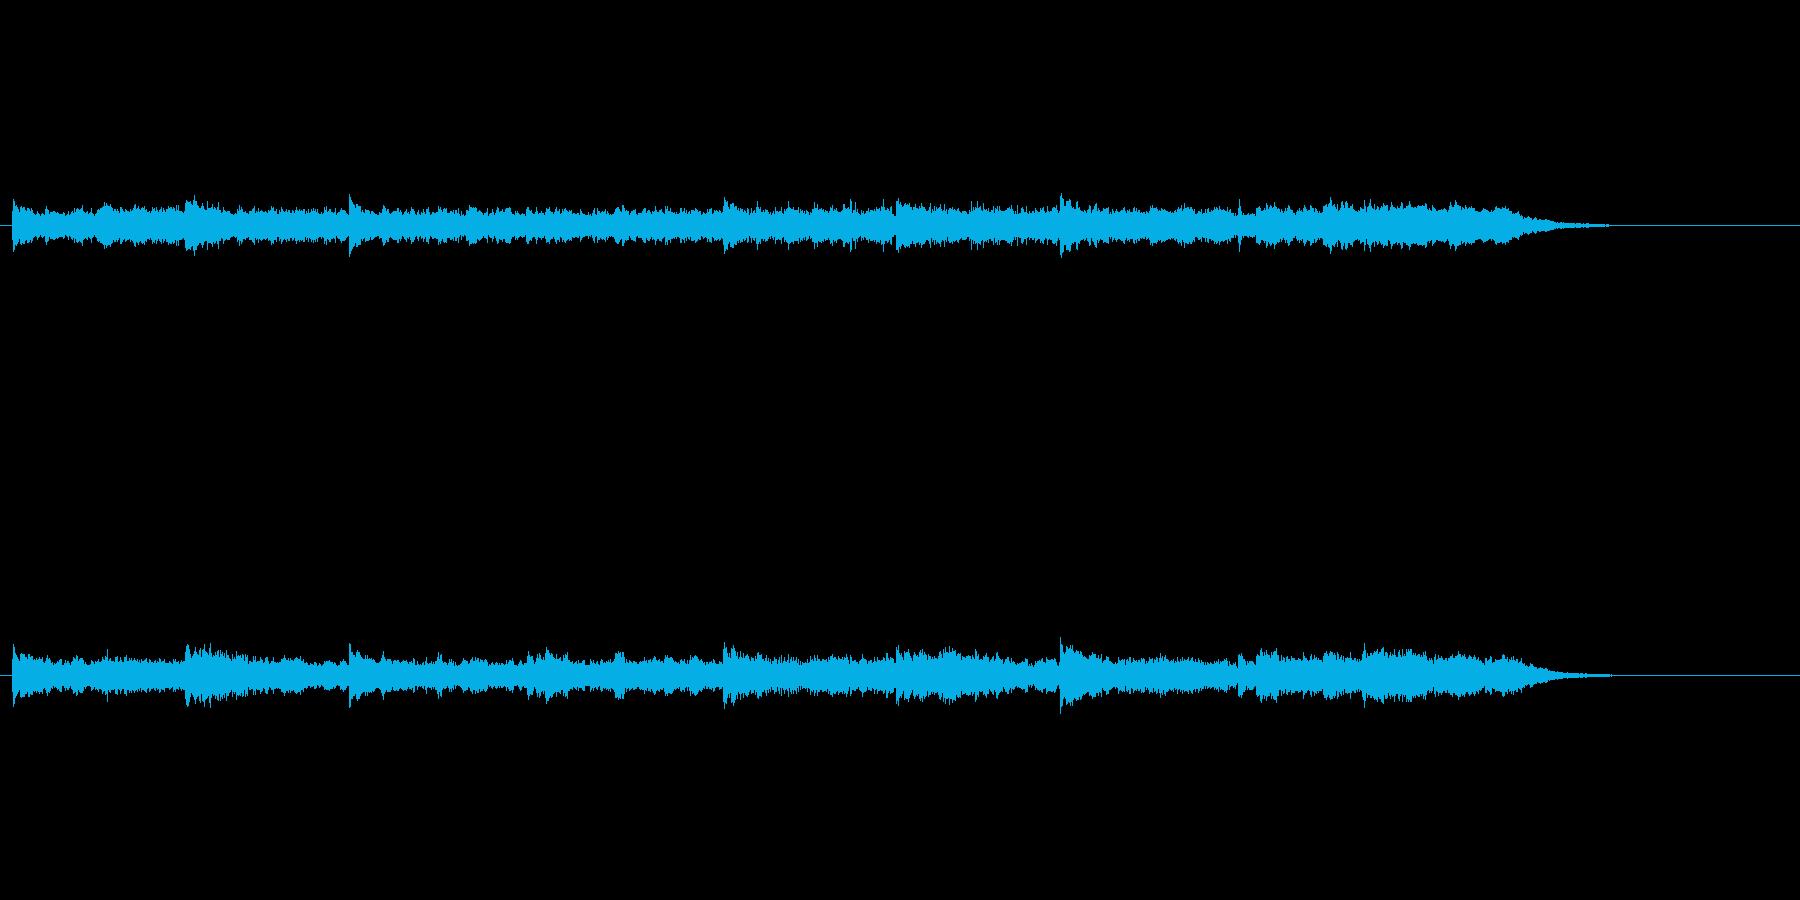 幻想的な環境音楽の再生済みの波形